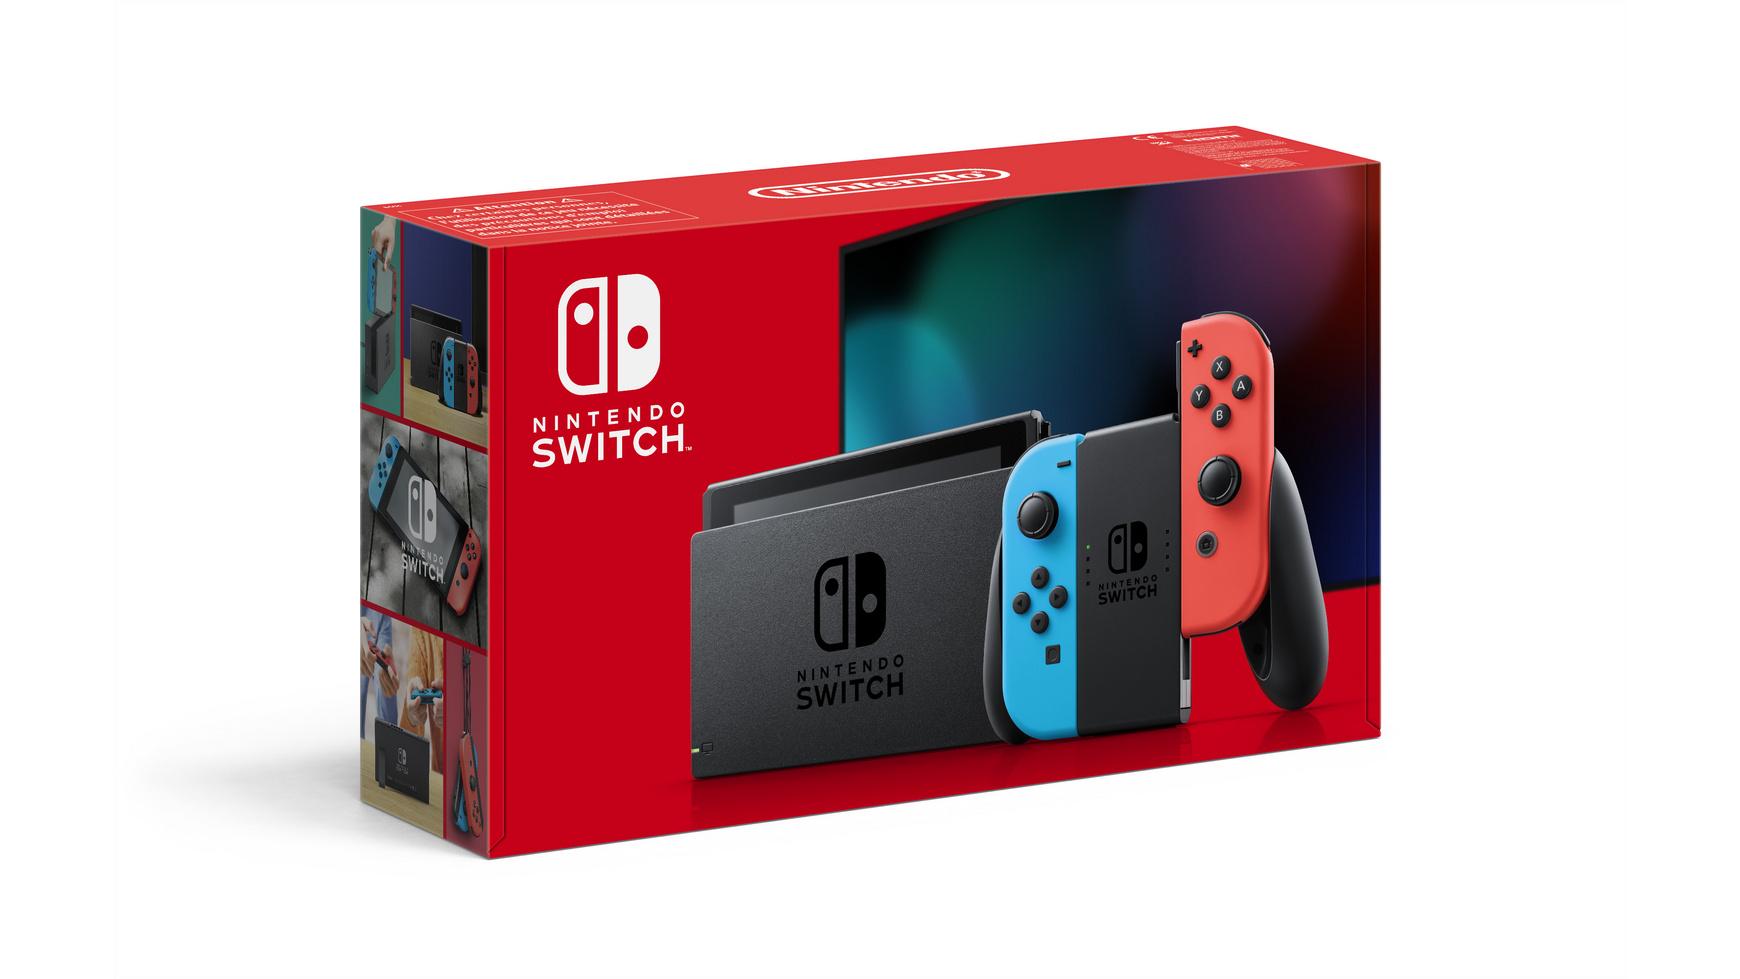 Switch Blau/Rot (2019er Modell)